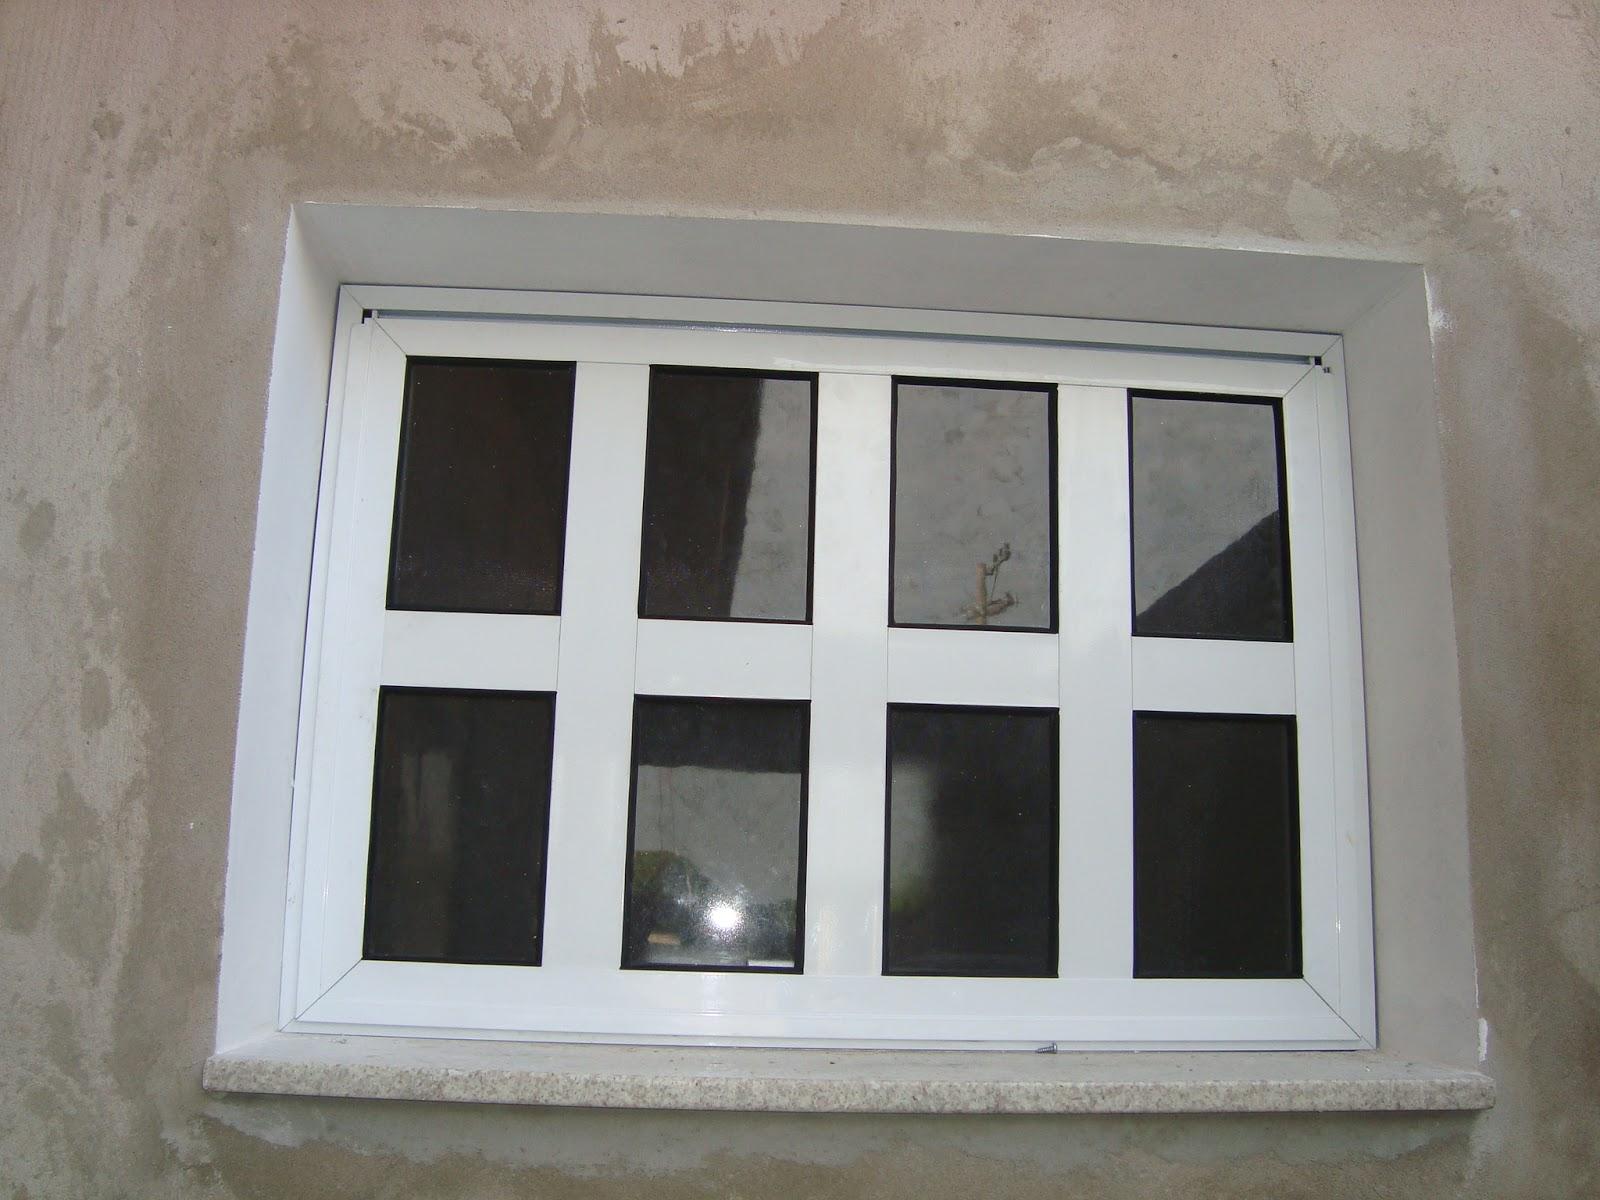 janela do banheiro da suíte  #746357 1600 1200